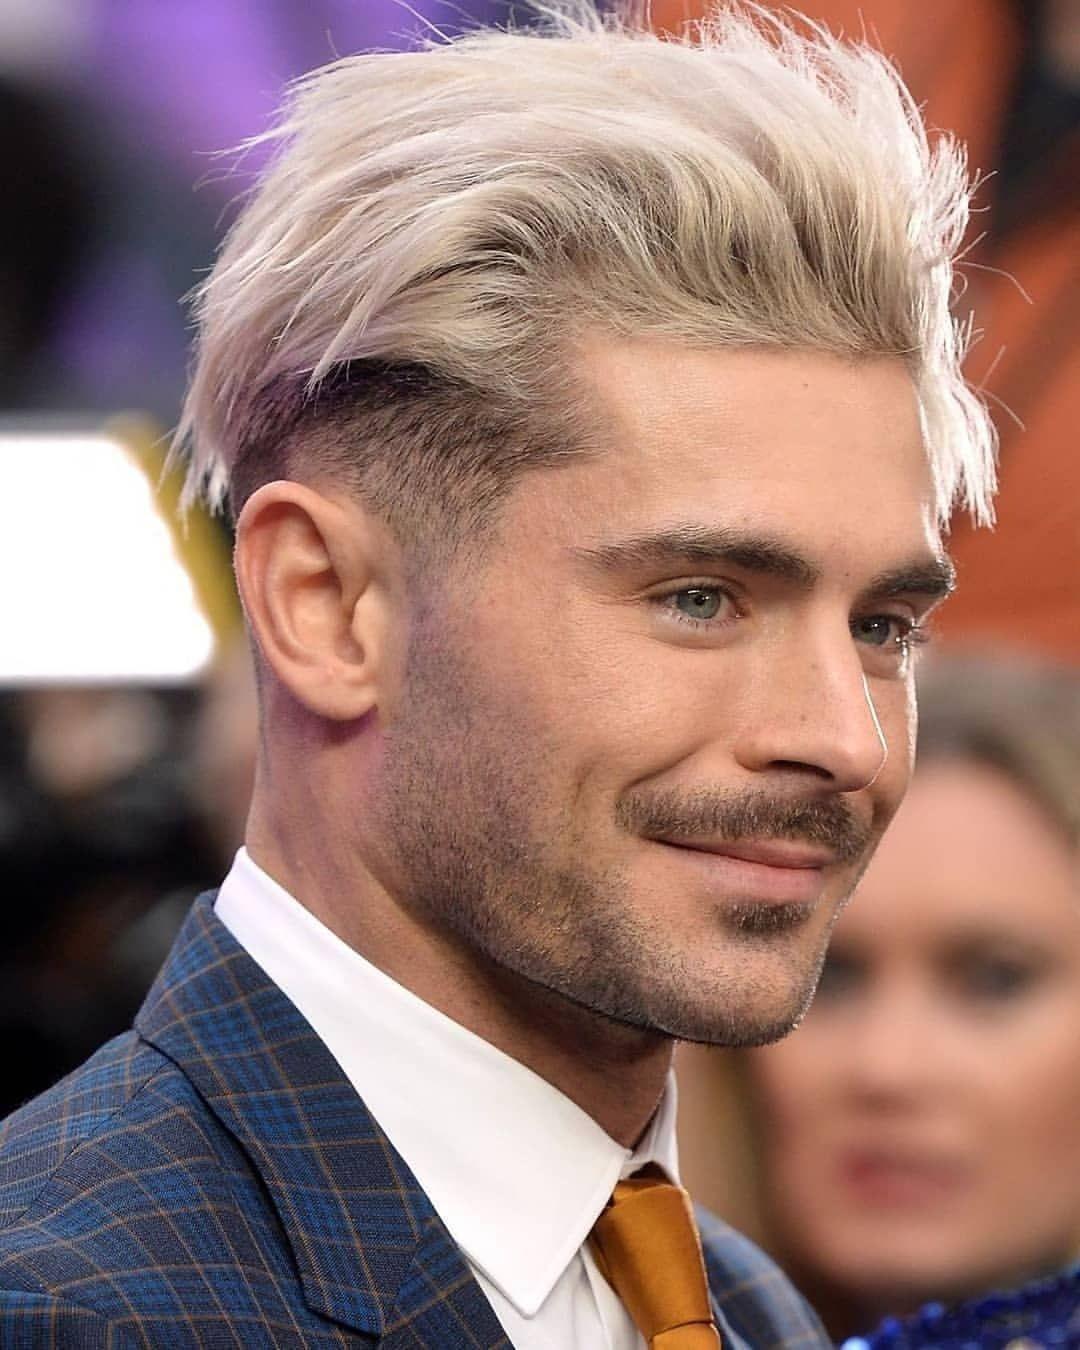 Pin On Hair Shortlist October 2019